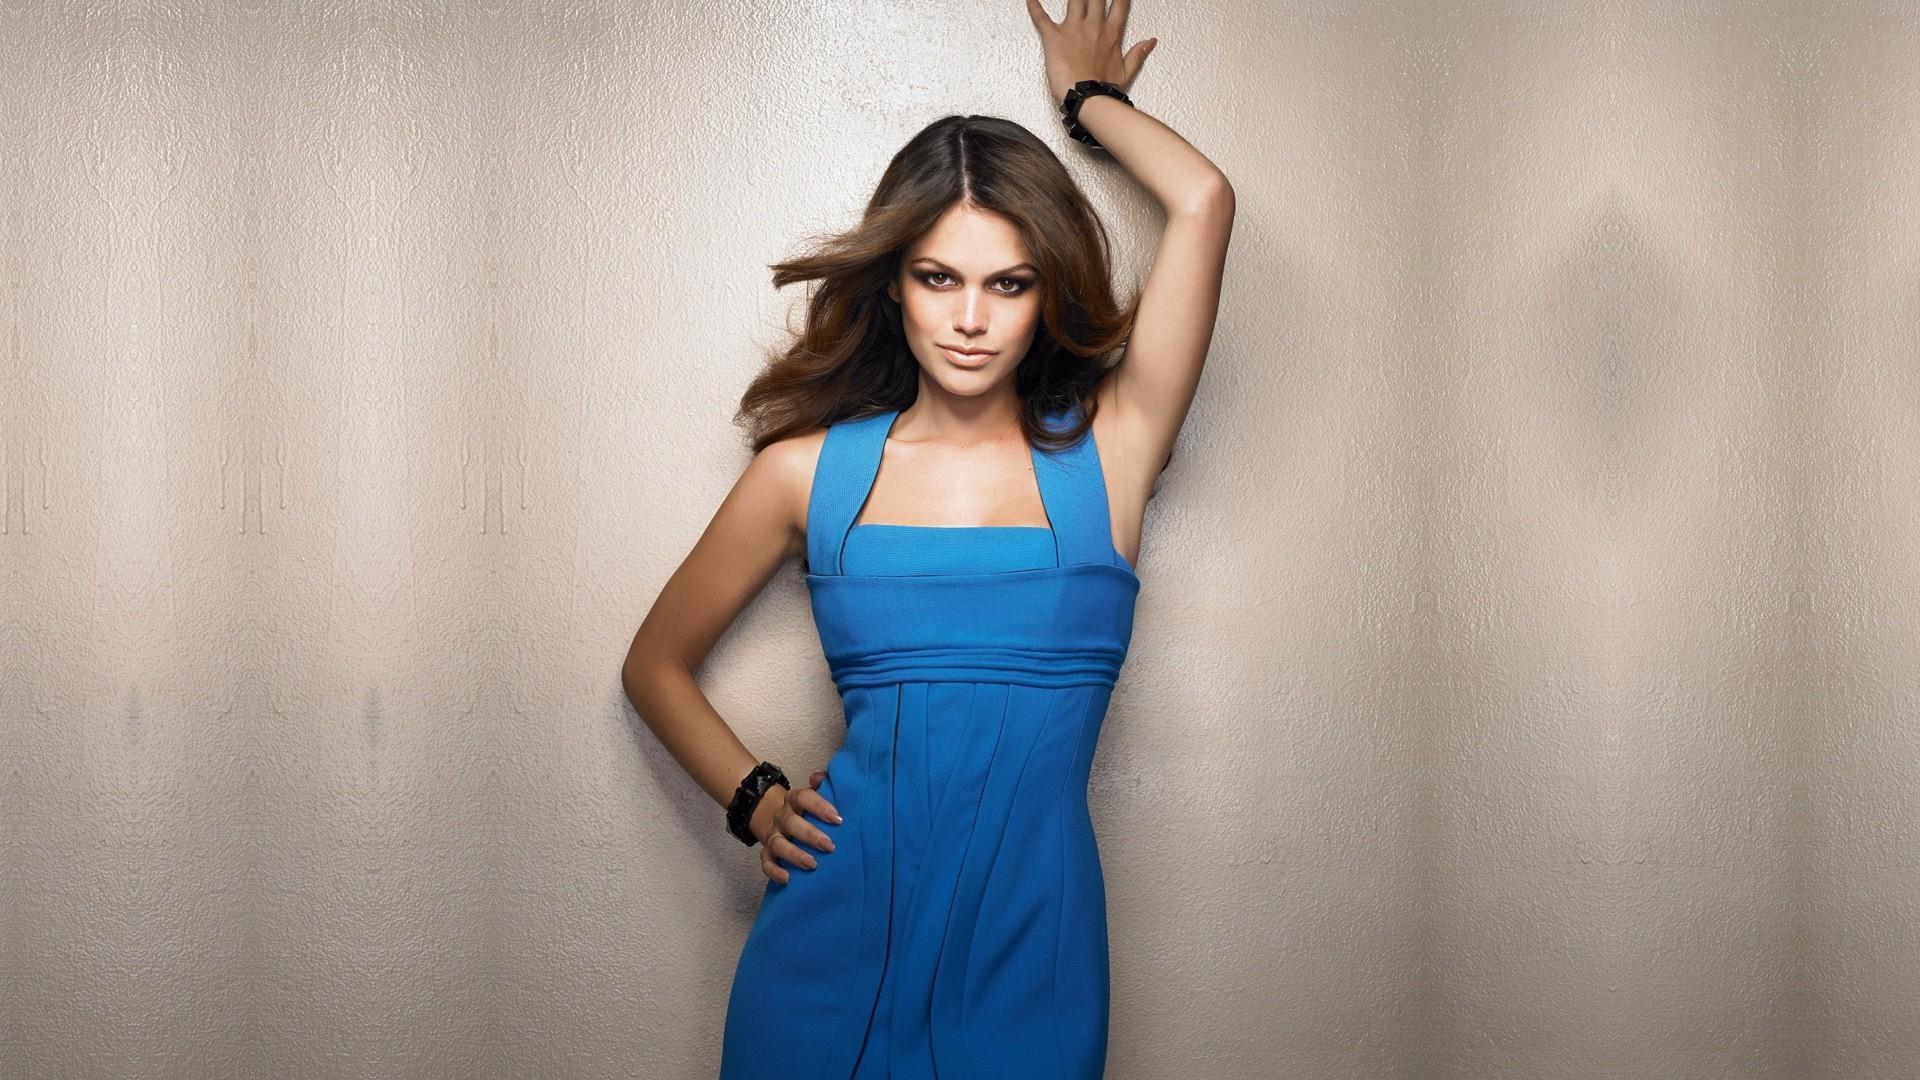 Hintergrundbilder : Modell-, Einfacher hintergrund, blaues Kleid ...